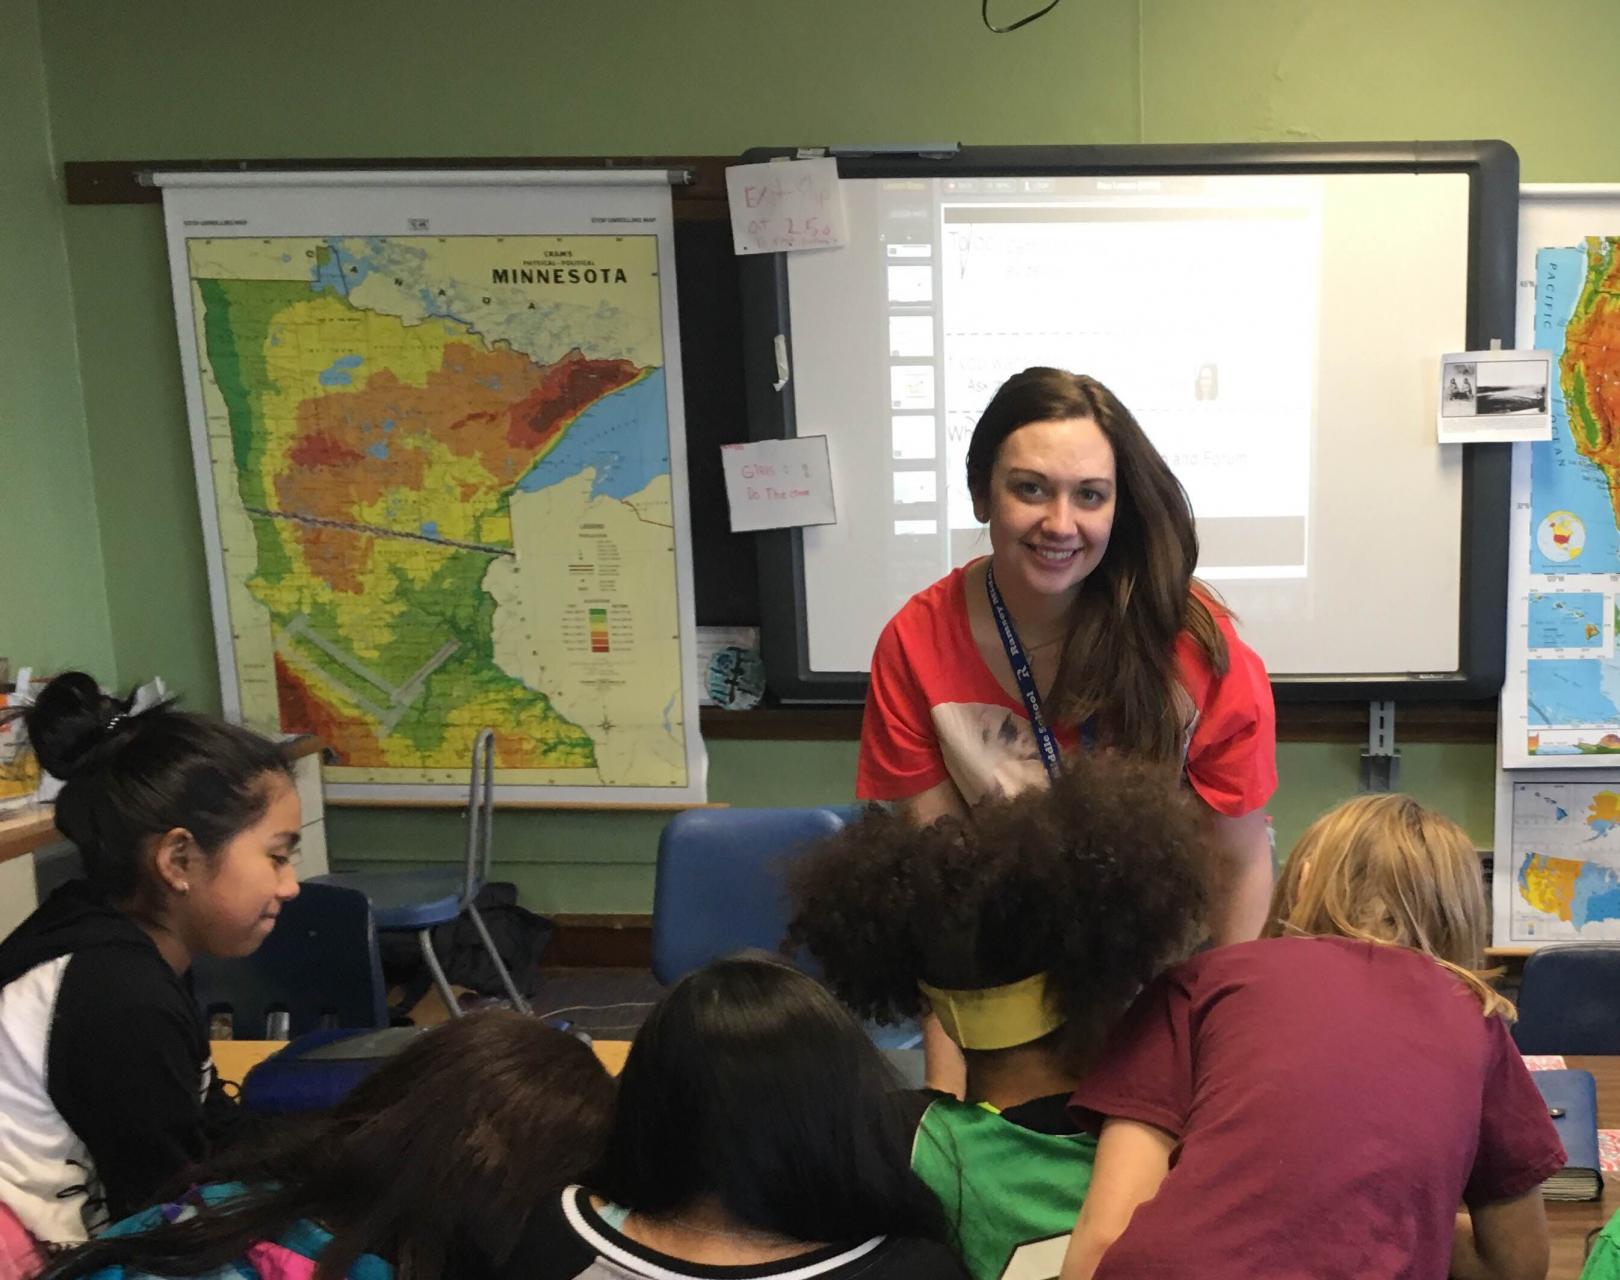 Kara Cisco teaching a class